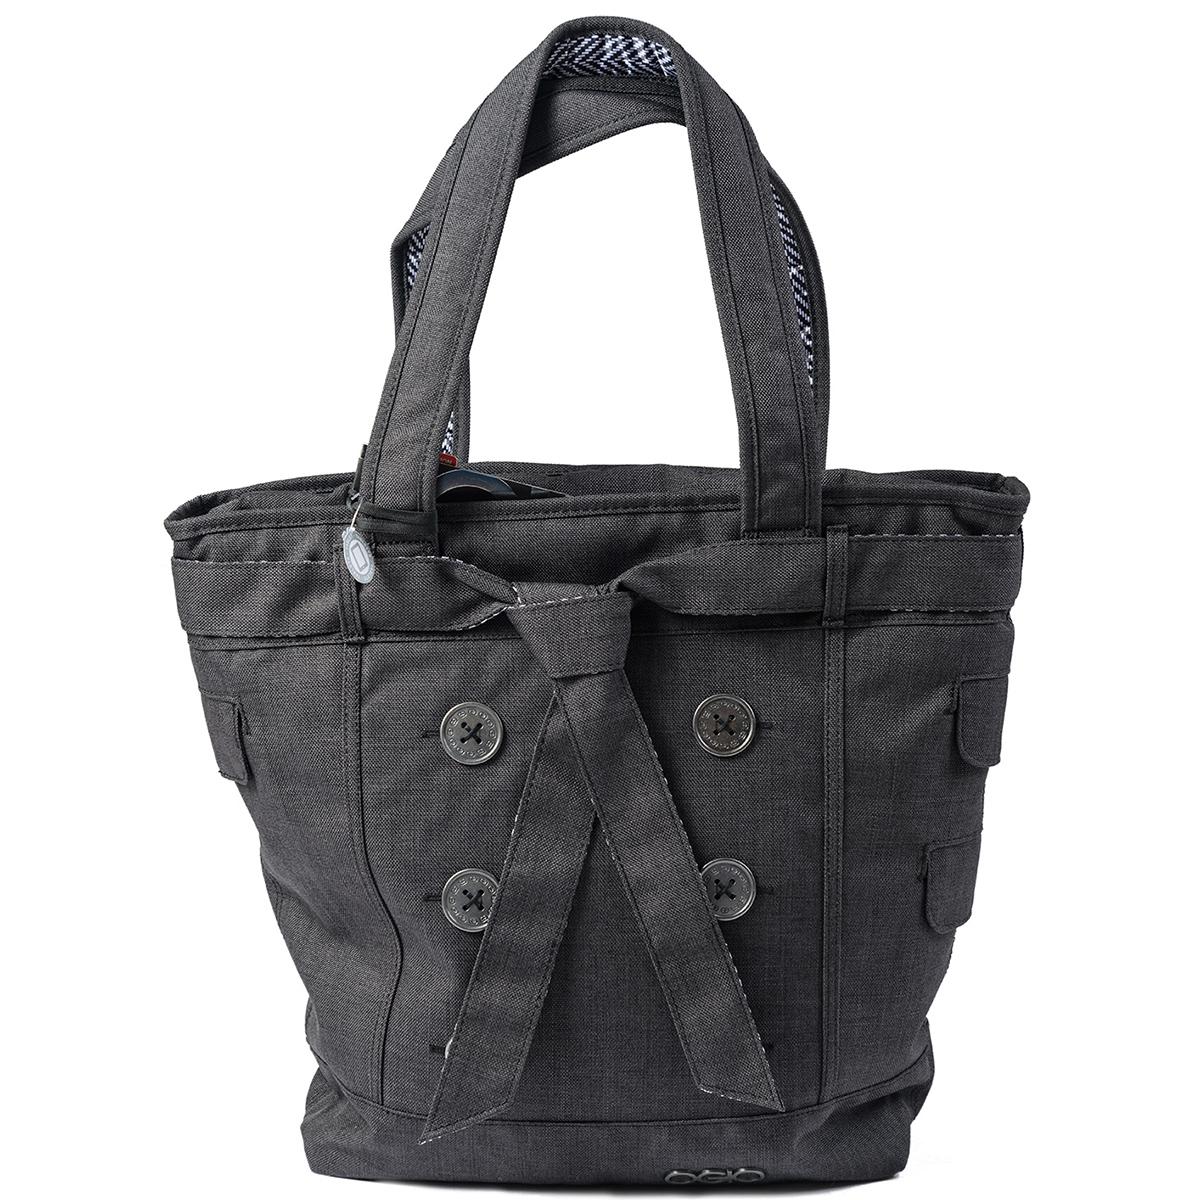 Сумка женская OGIO Fashion. Hamptons Tote (A/S), цвет: черный. 031652163508101248Стильная и невероятно практичная сумка OGIO Fashion. Hamptons Tote (A/S) со специальным отделением для ноутбука и множеством карманов для разного рода предметов станет незаменимым спутником в походах на работу или поездках. Эта модель изготовлена из суперпрочного материала, поэтому служить она будет вам очень долго. А за счет оптимальных размеров и хорошего объема в нее поместятся все необходимые вам вещи.